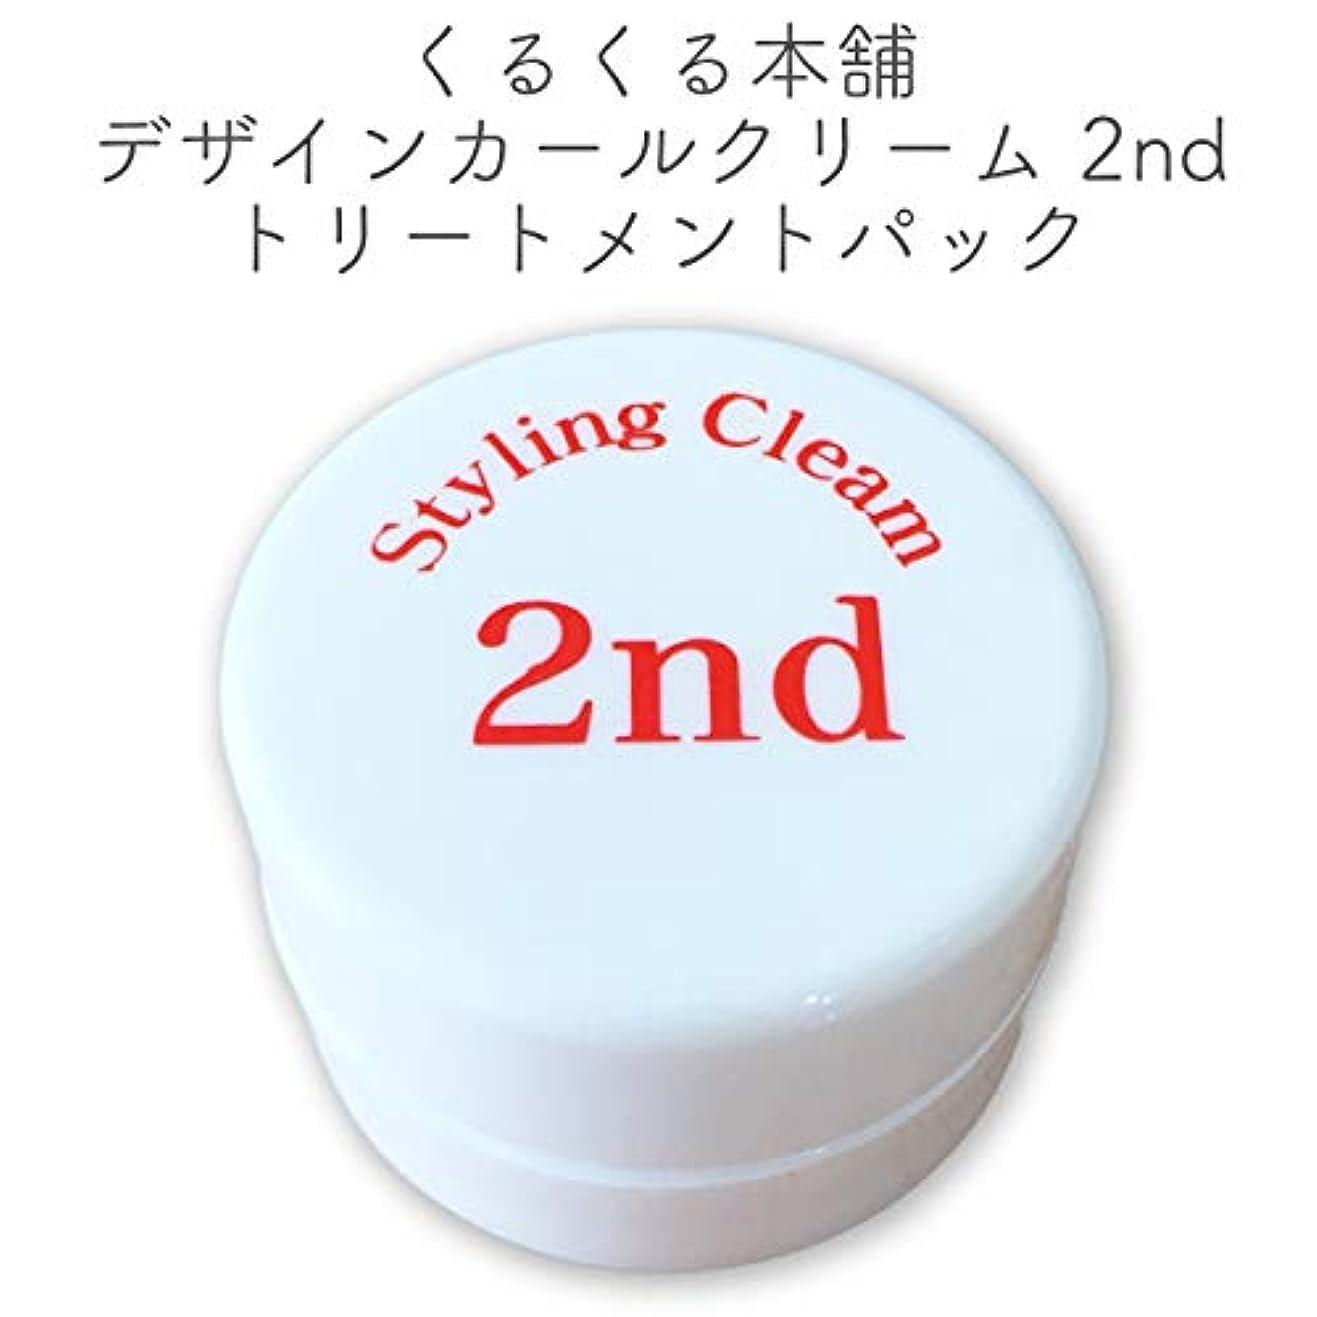 結晶成功した小競り合いくるくる本舗 デザインカールクリーム 2nd スタイリングクリーム